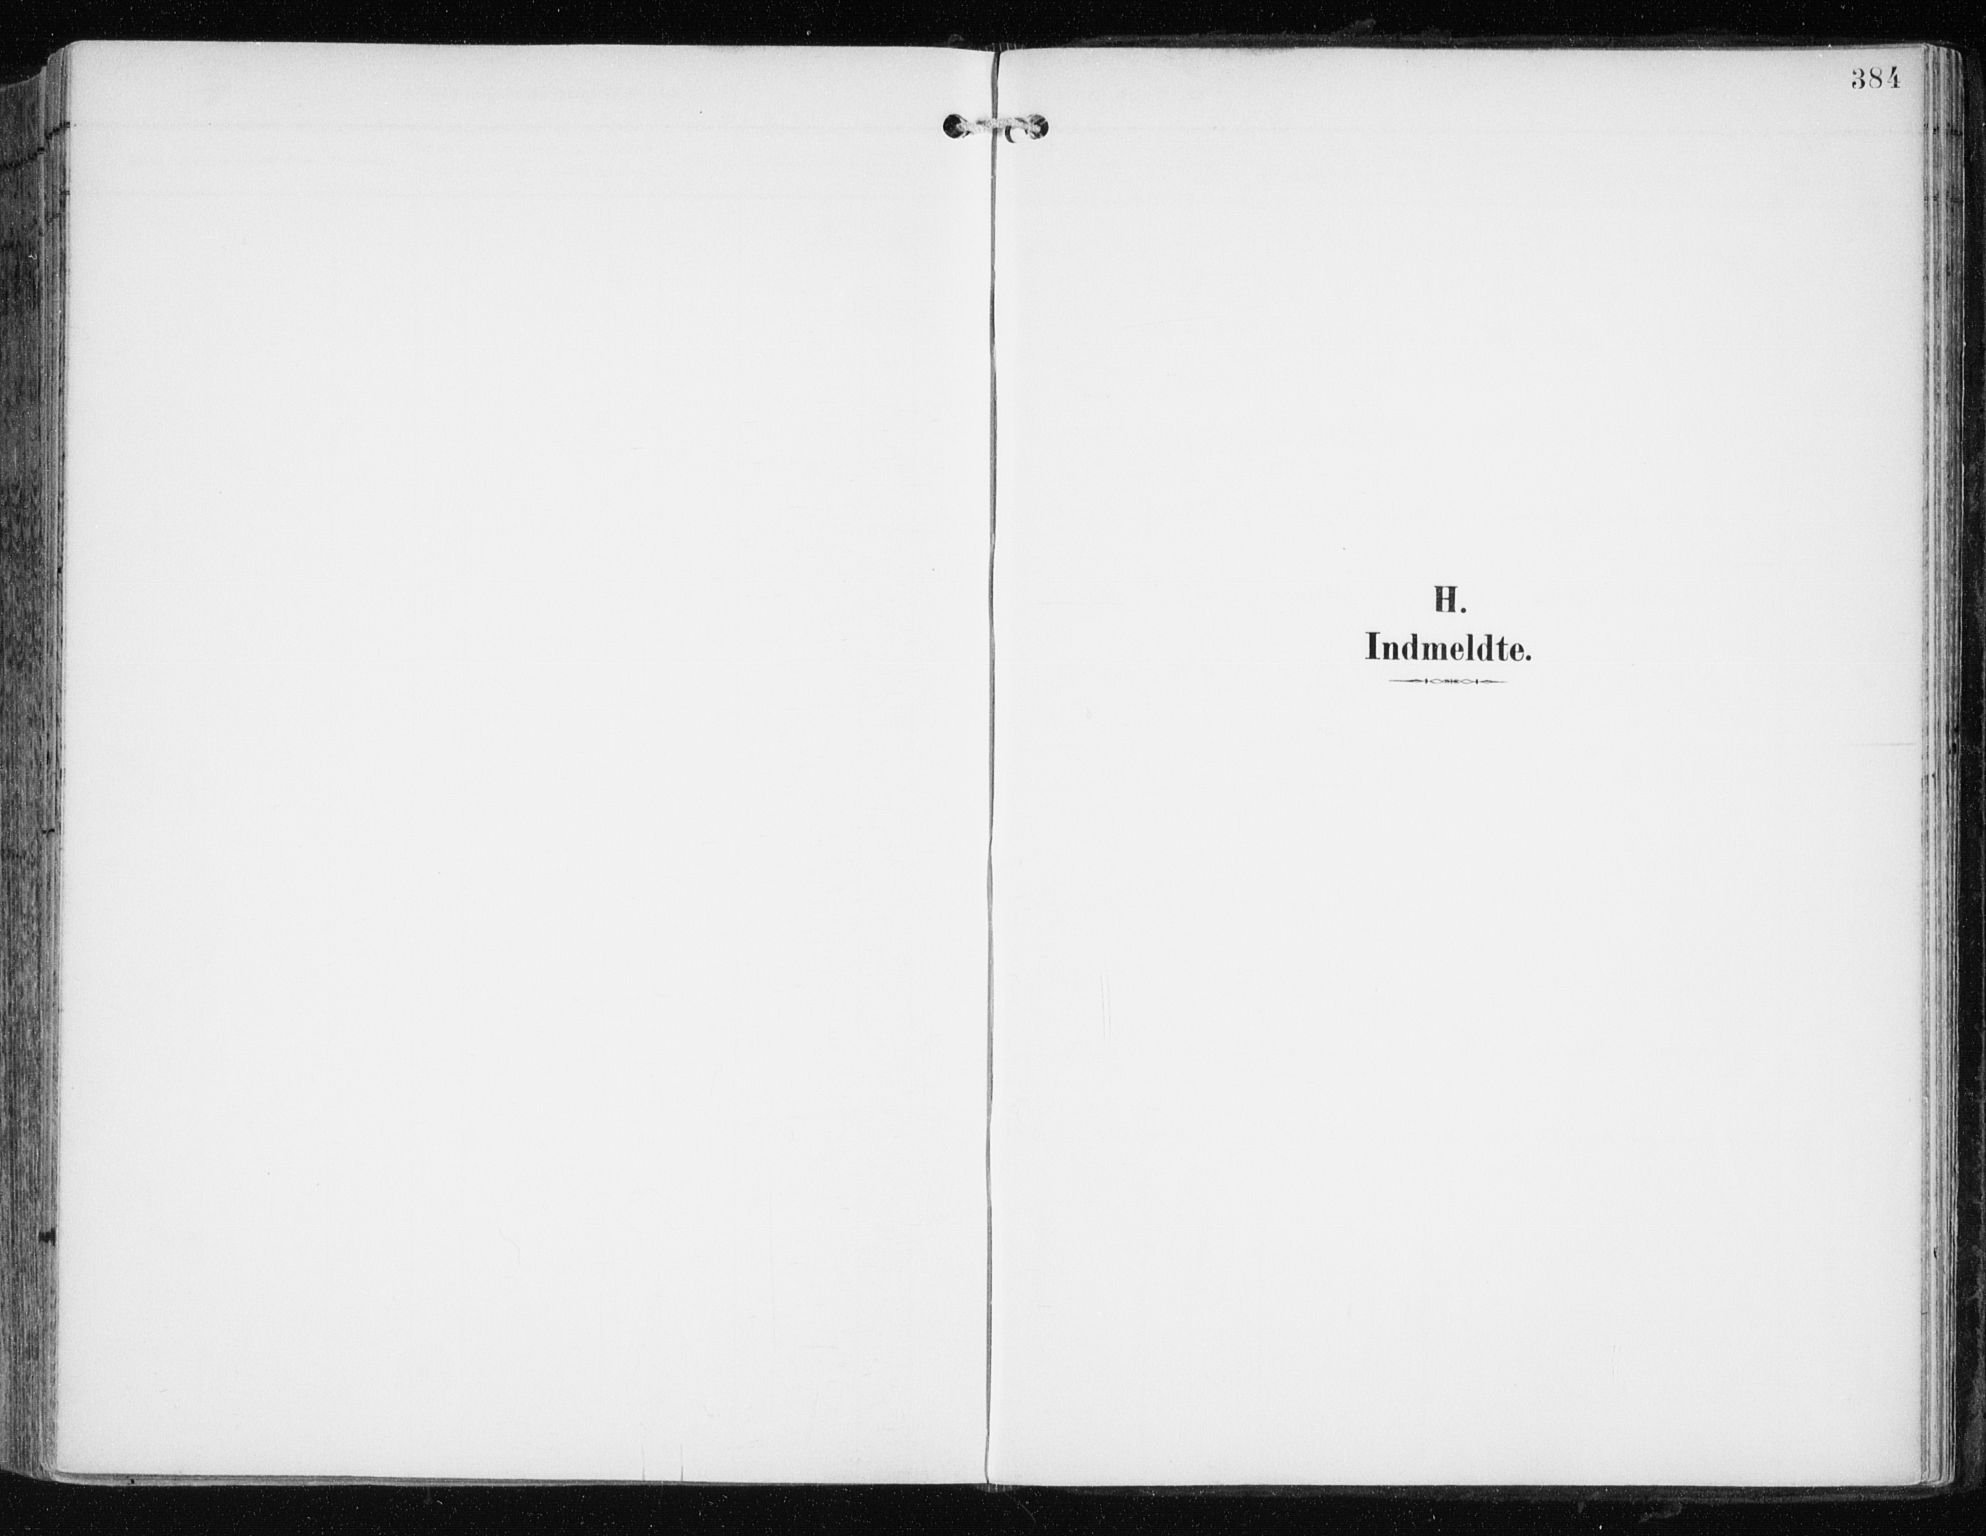 SATØ, Tromsøysund sokneprestkontor, G/Ga/L0006kirke: Ministerialbok nr. 6, 1897-1906, s. 384